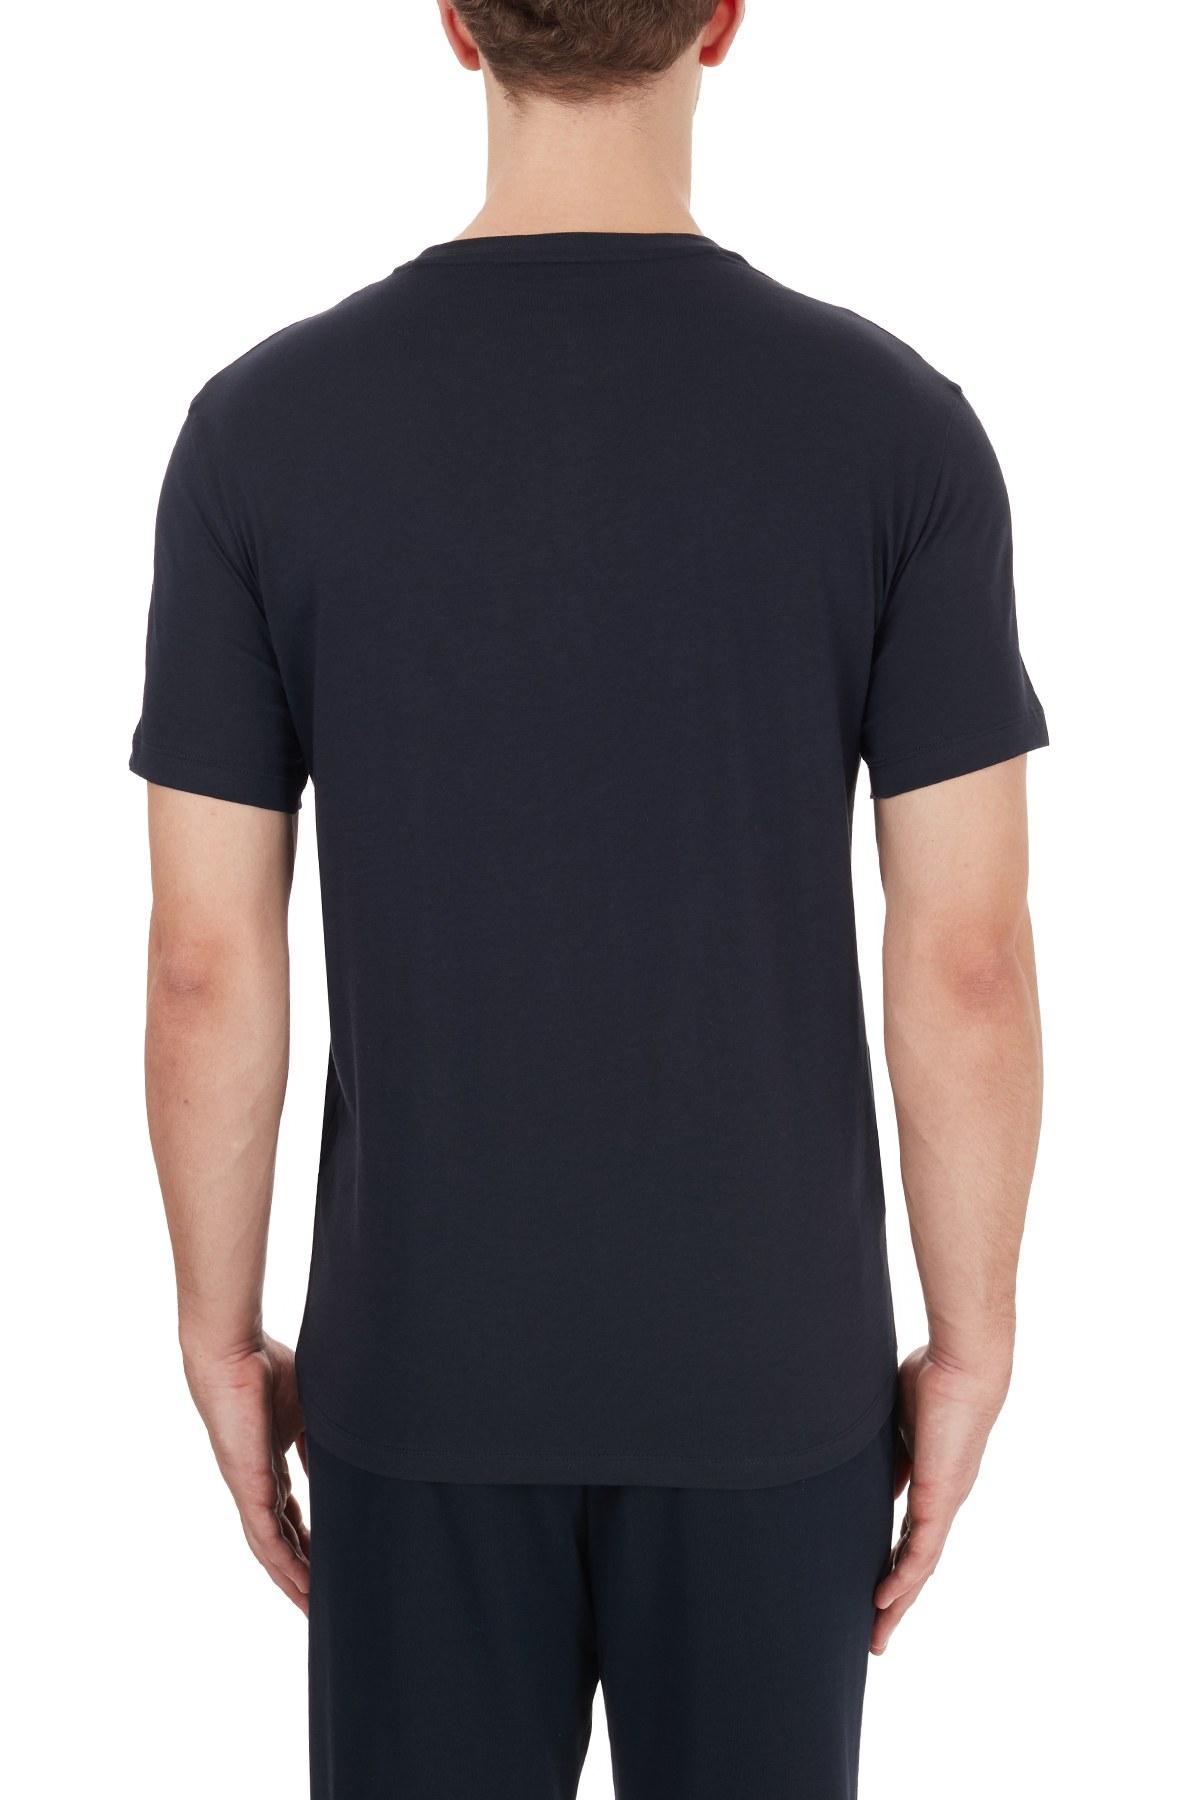 Armani Exchange % 100 Pamuklu Baskılı Bisiklet Yaka Regular Erkek T Shirt 6HZTFD ZJH4Z 1510 LACİVERT